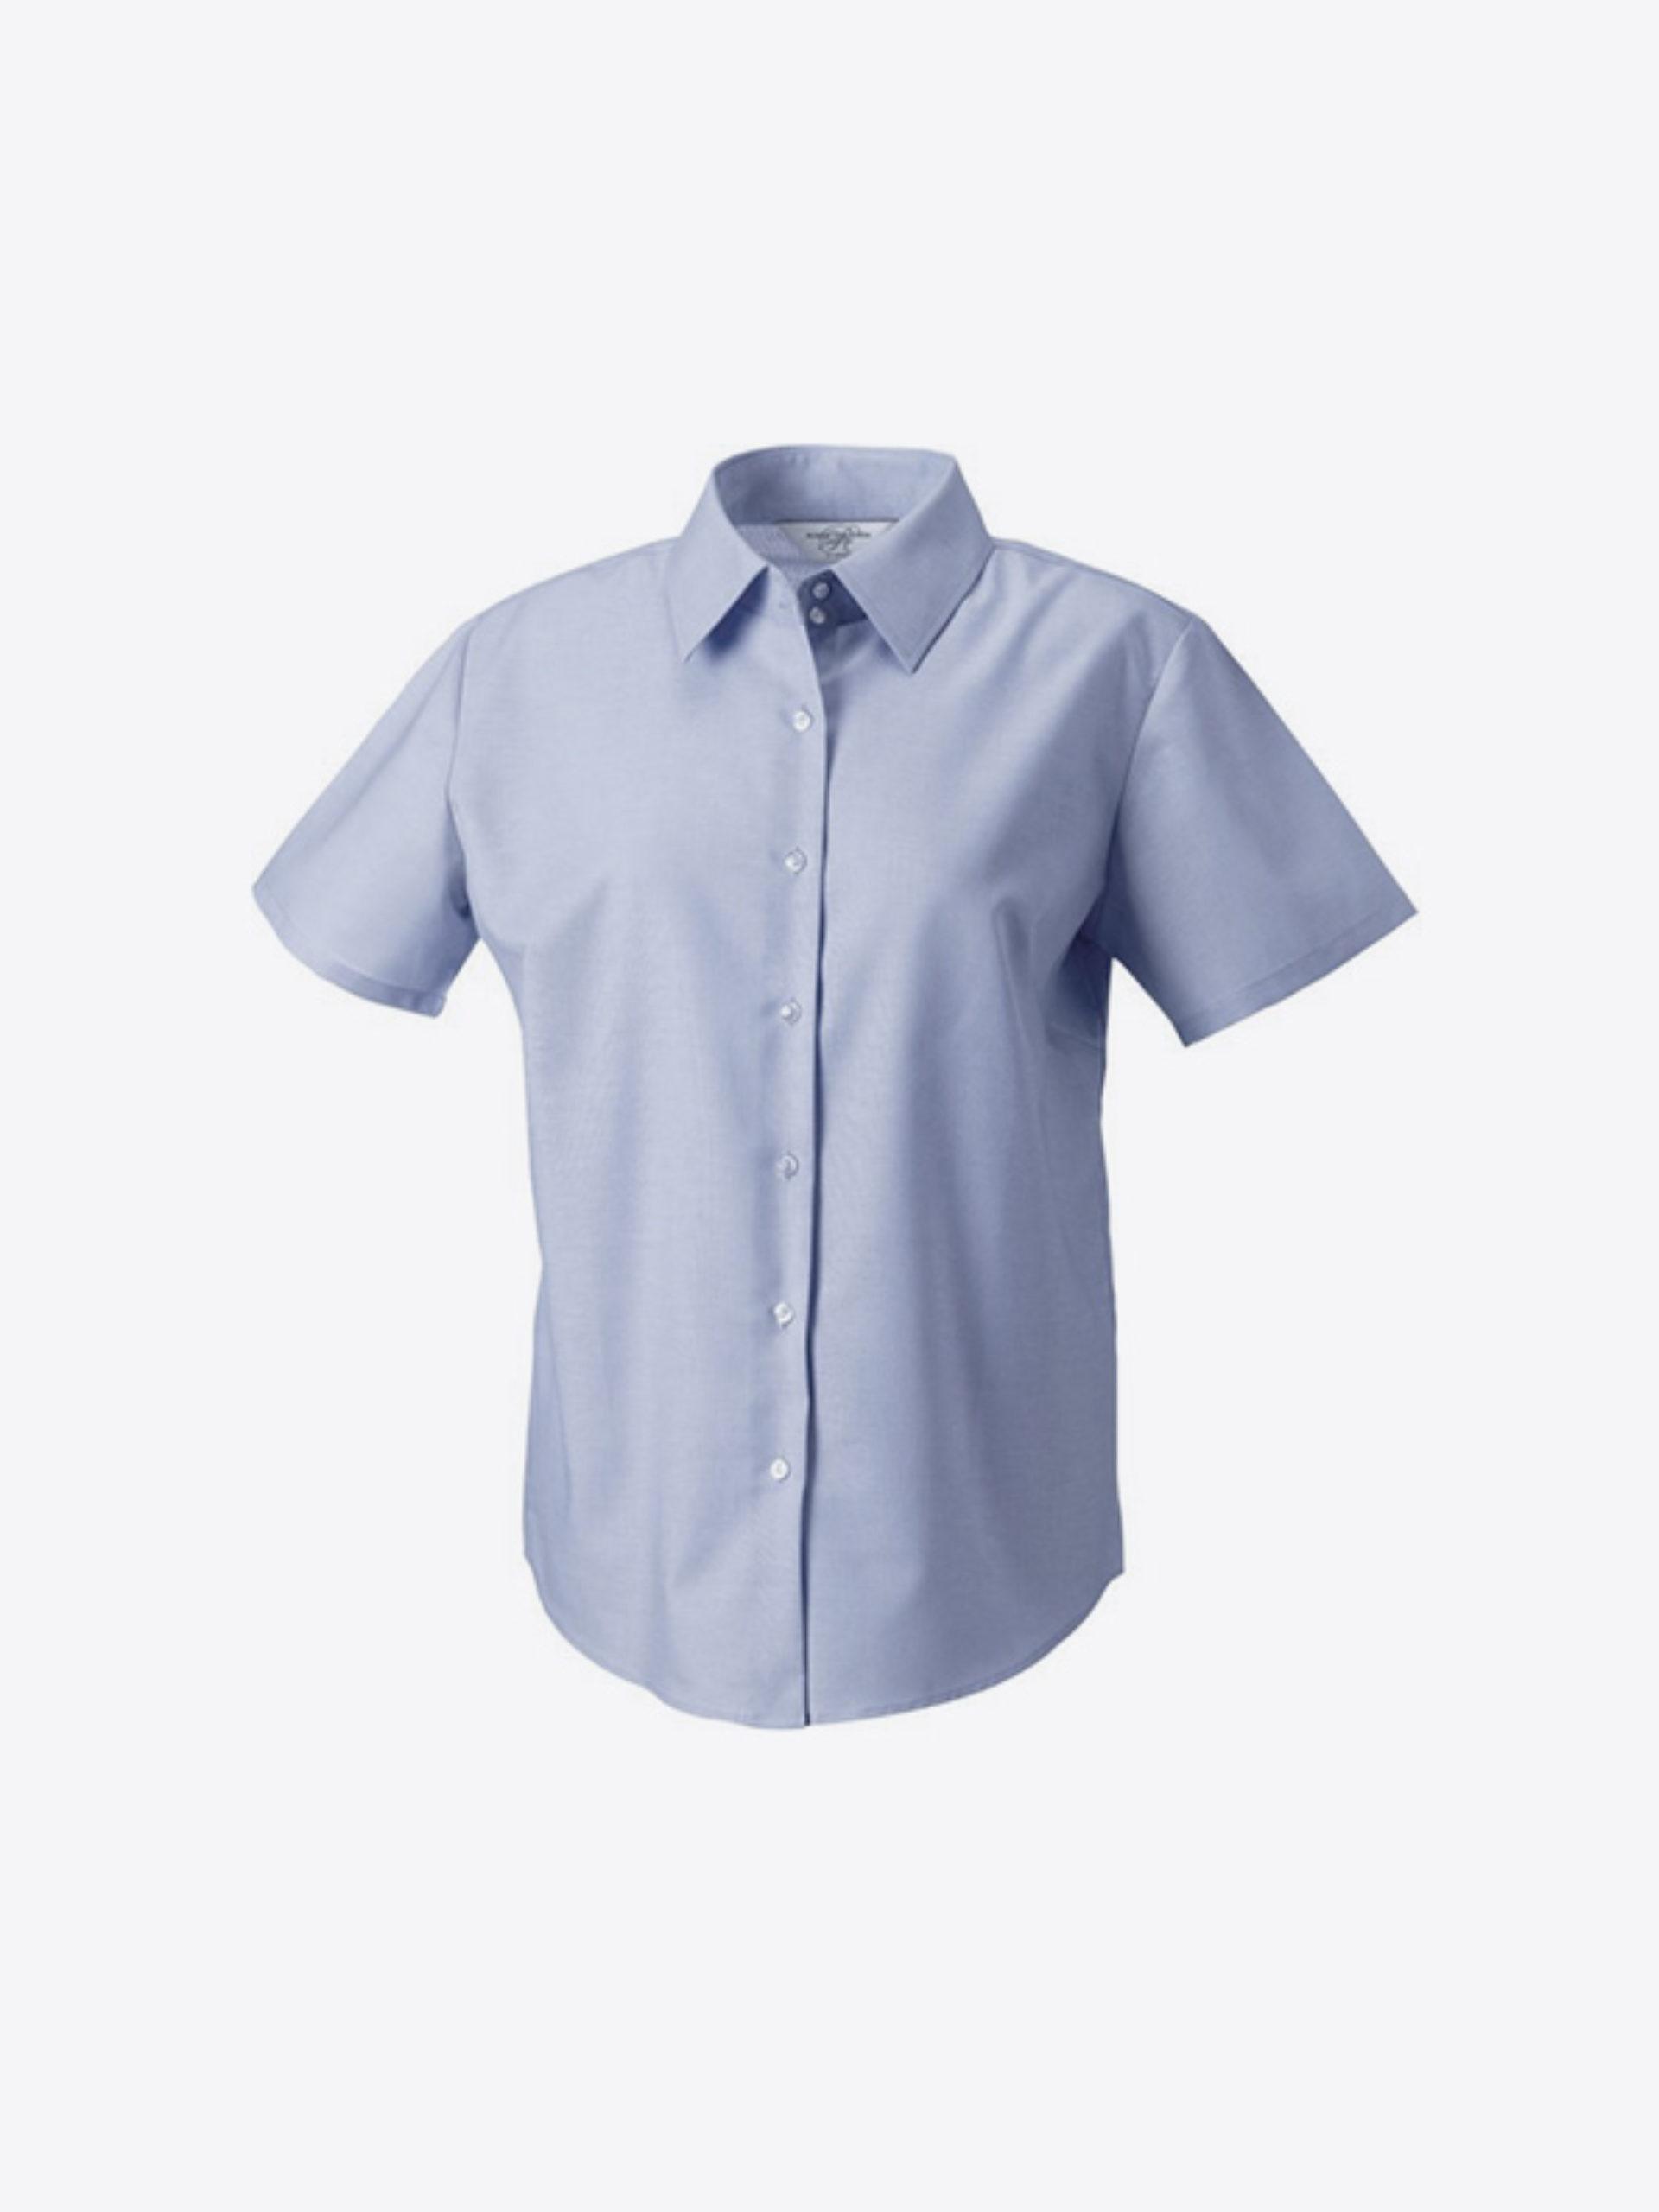 Damen Hemd Kurzarm Mit Logo Drucken Besticken Russell 933f Farbe Oxford Blue